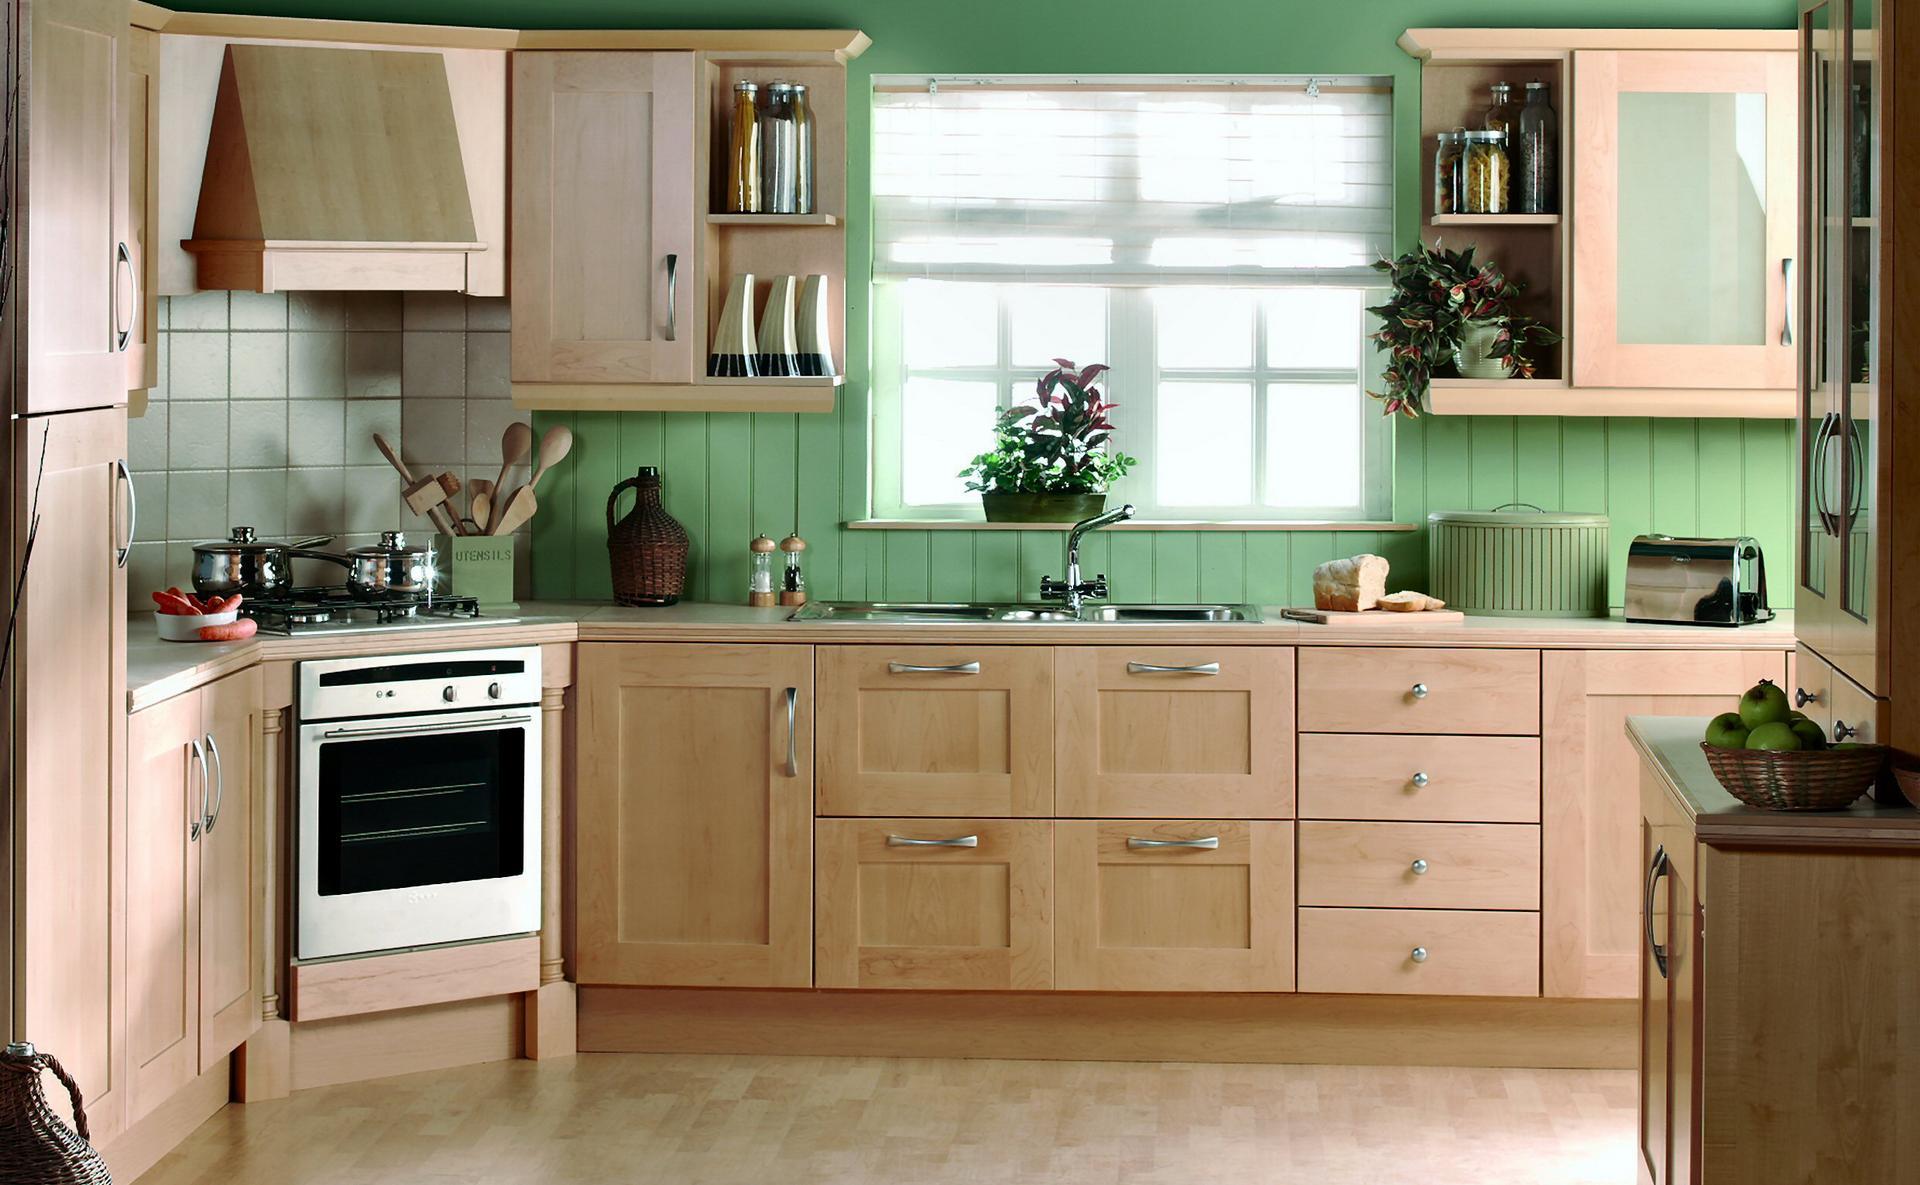 Зеленые флизелиновые обои в полоску на кухне